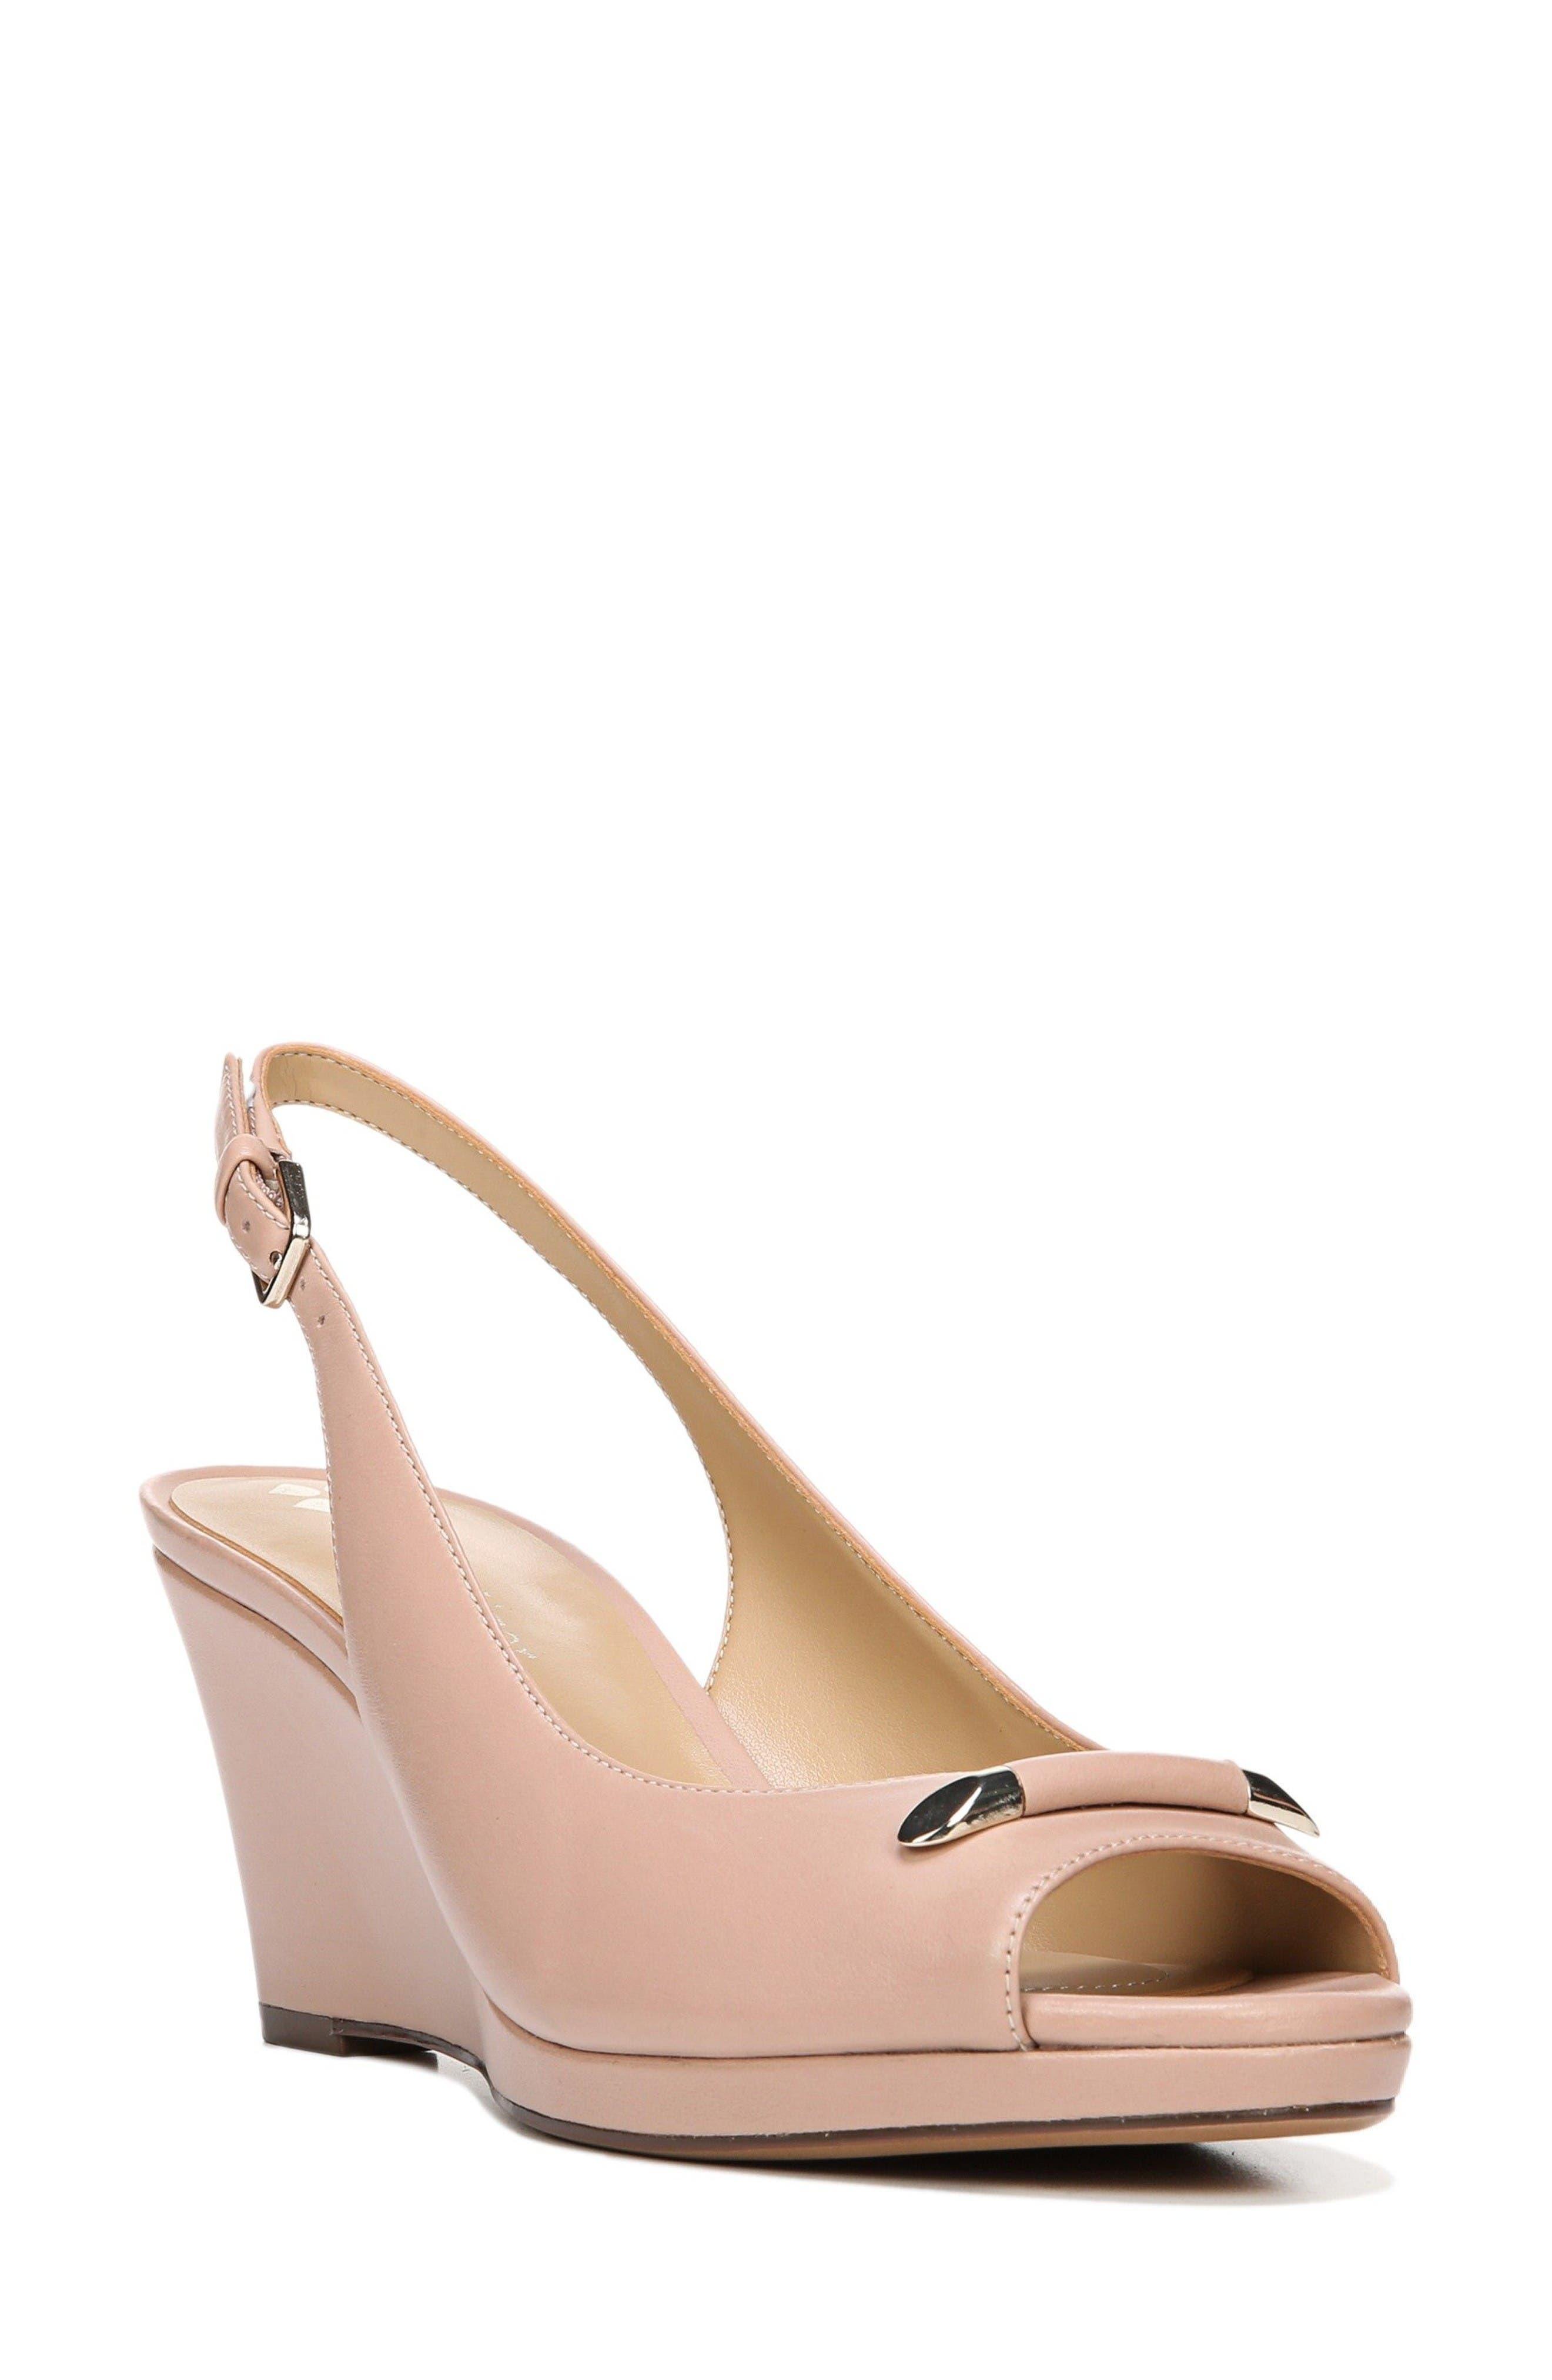 Main Image - Naturalizer Oleander Slingback Sandal (Women)